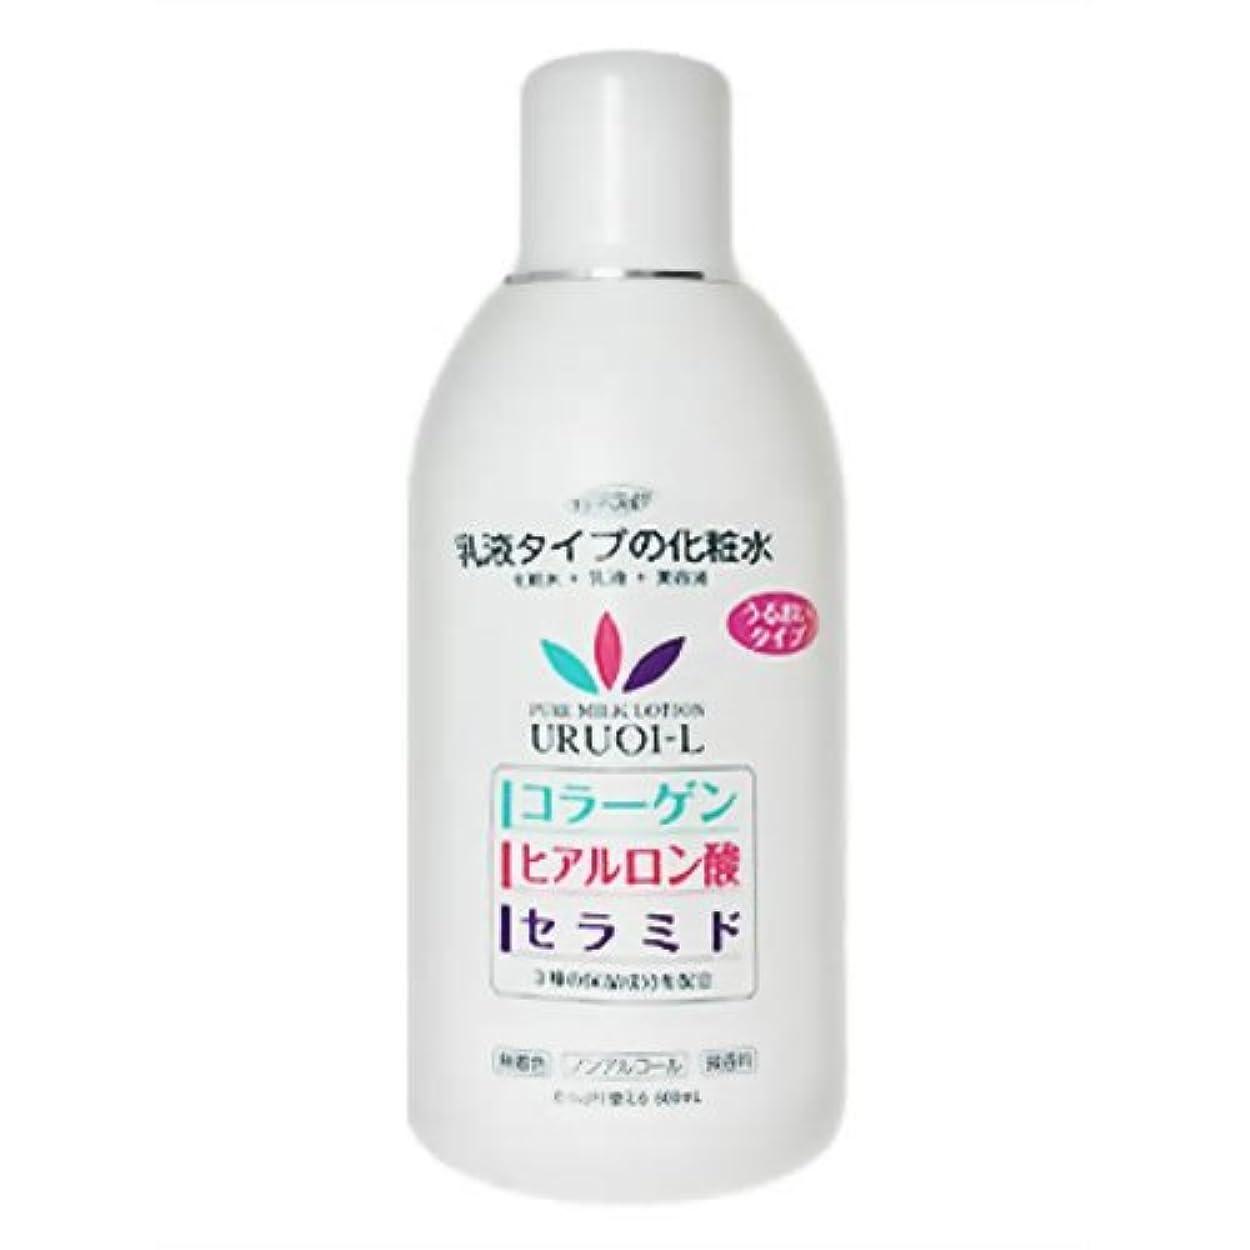 ナース報いる積極的に乳液タイプの化粧水 うるおい 500ml×3個セット